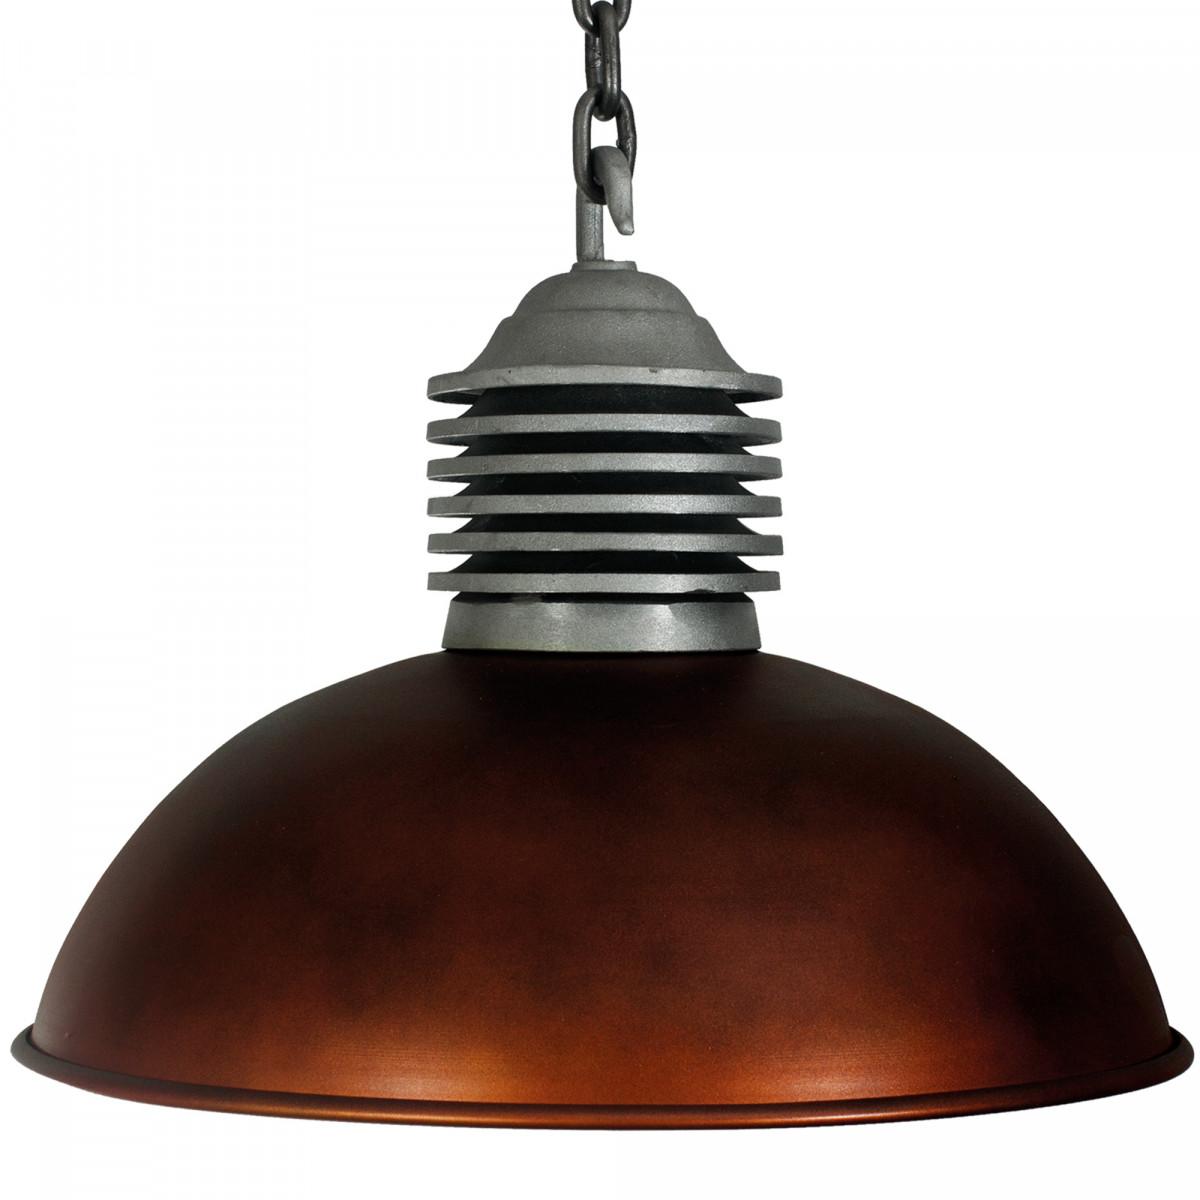 Hanglamp Old Industry Copper Look (1200K8) - KS Verlichting - Stoer & Industrieel